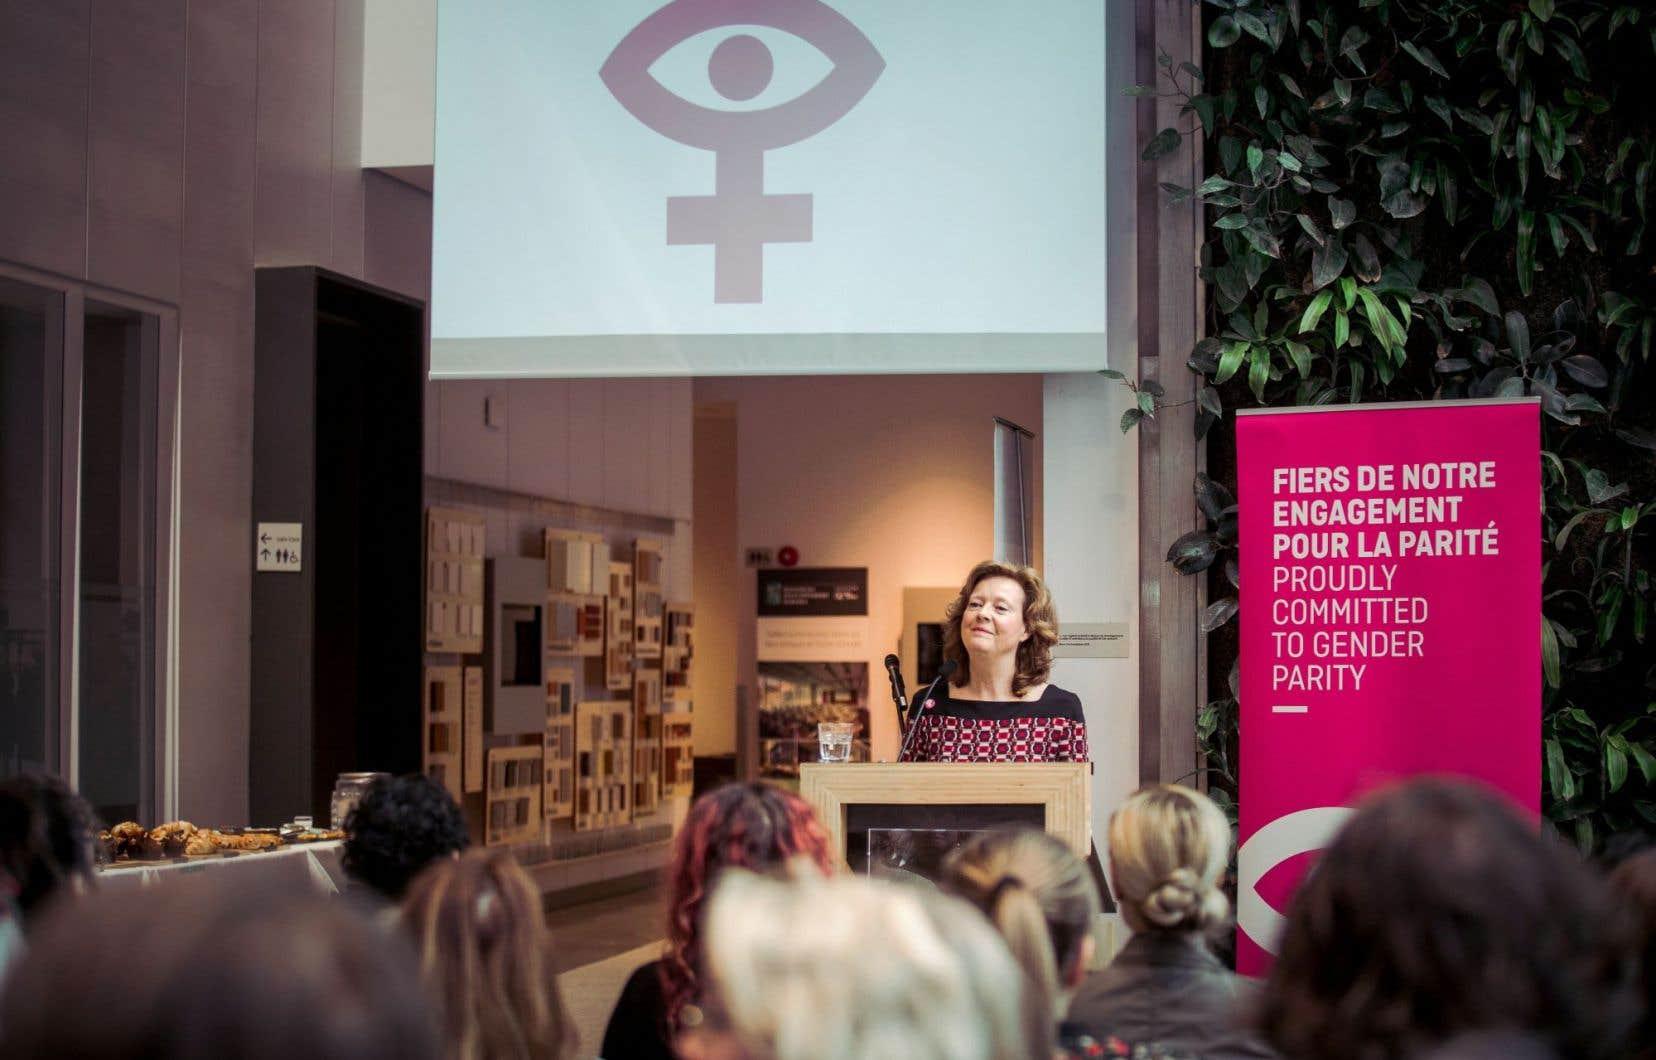 Michèle Bélanger, directrice générale de la programmation et de la production au programme français, annonçait mardi que l'ONF irait encore plus loin dans son engagement pour la parité.